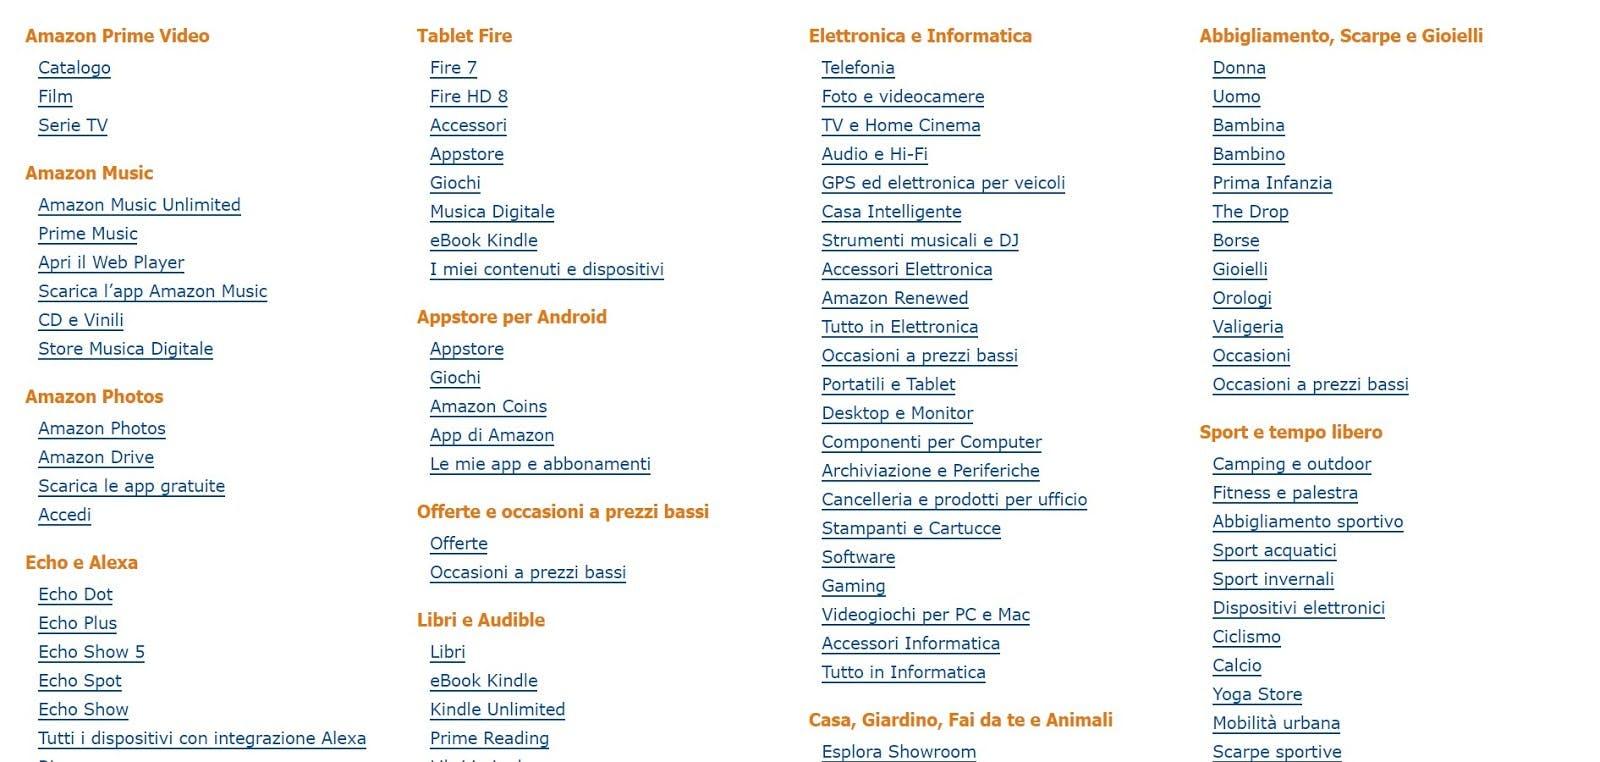 categorie prodotto amazon ricerca parole chiave